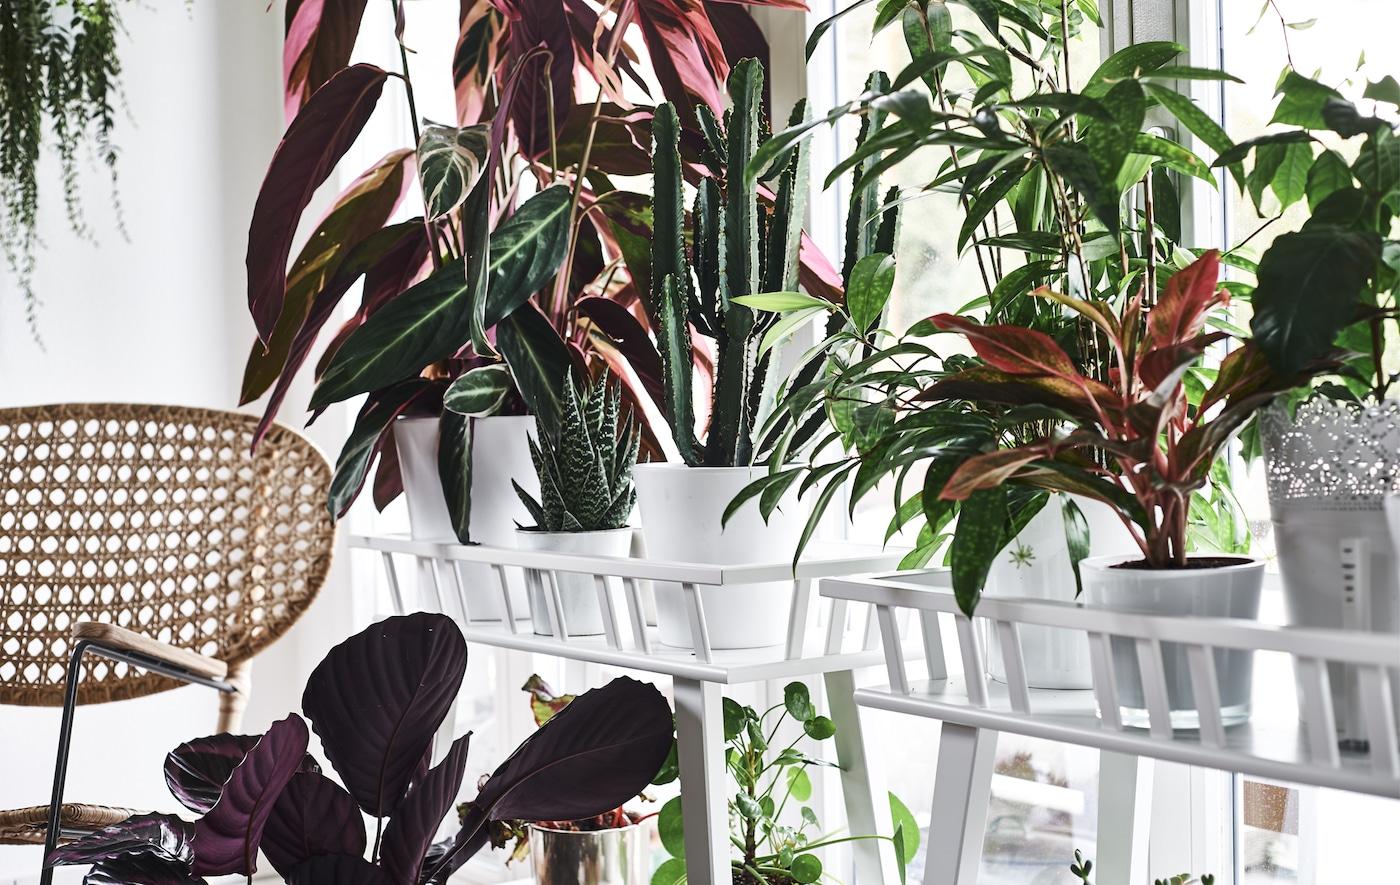 Plantes colorées sur des piédestaux, devant une fenêtre et un fauteuil en rotin.